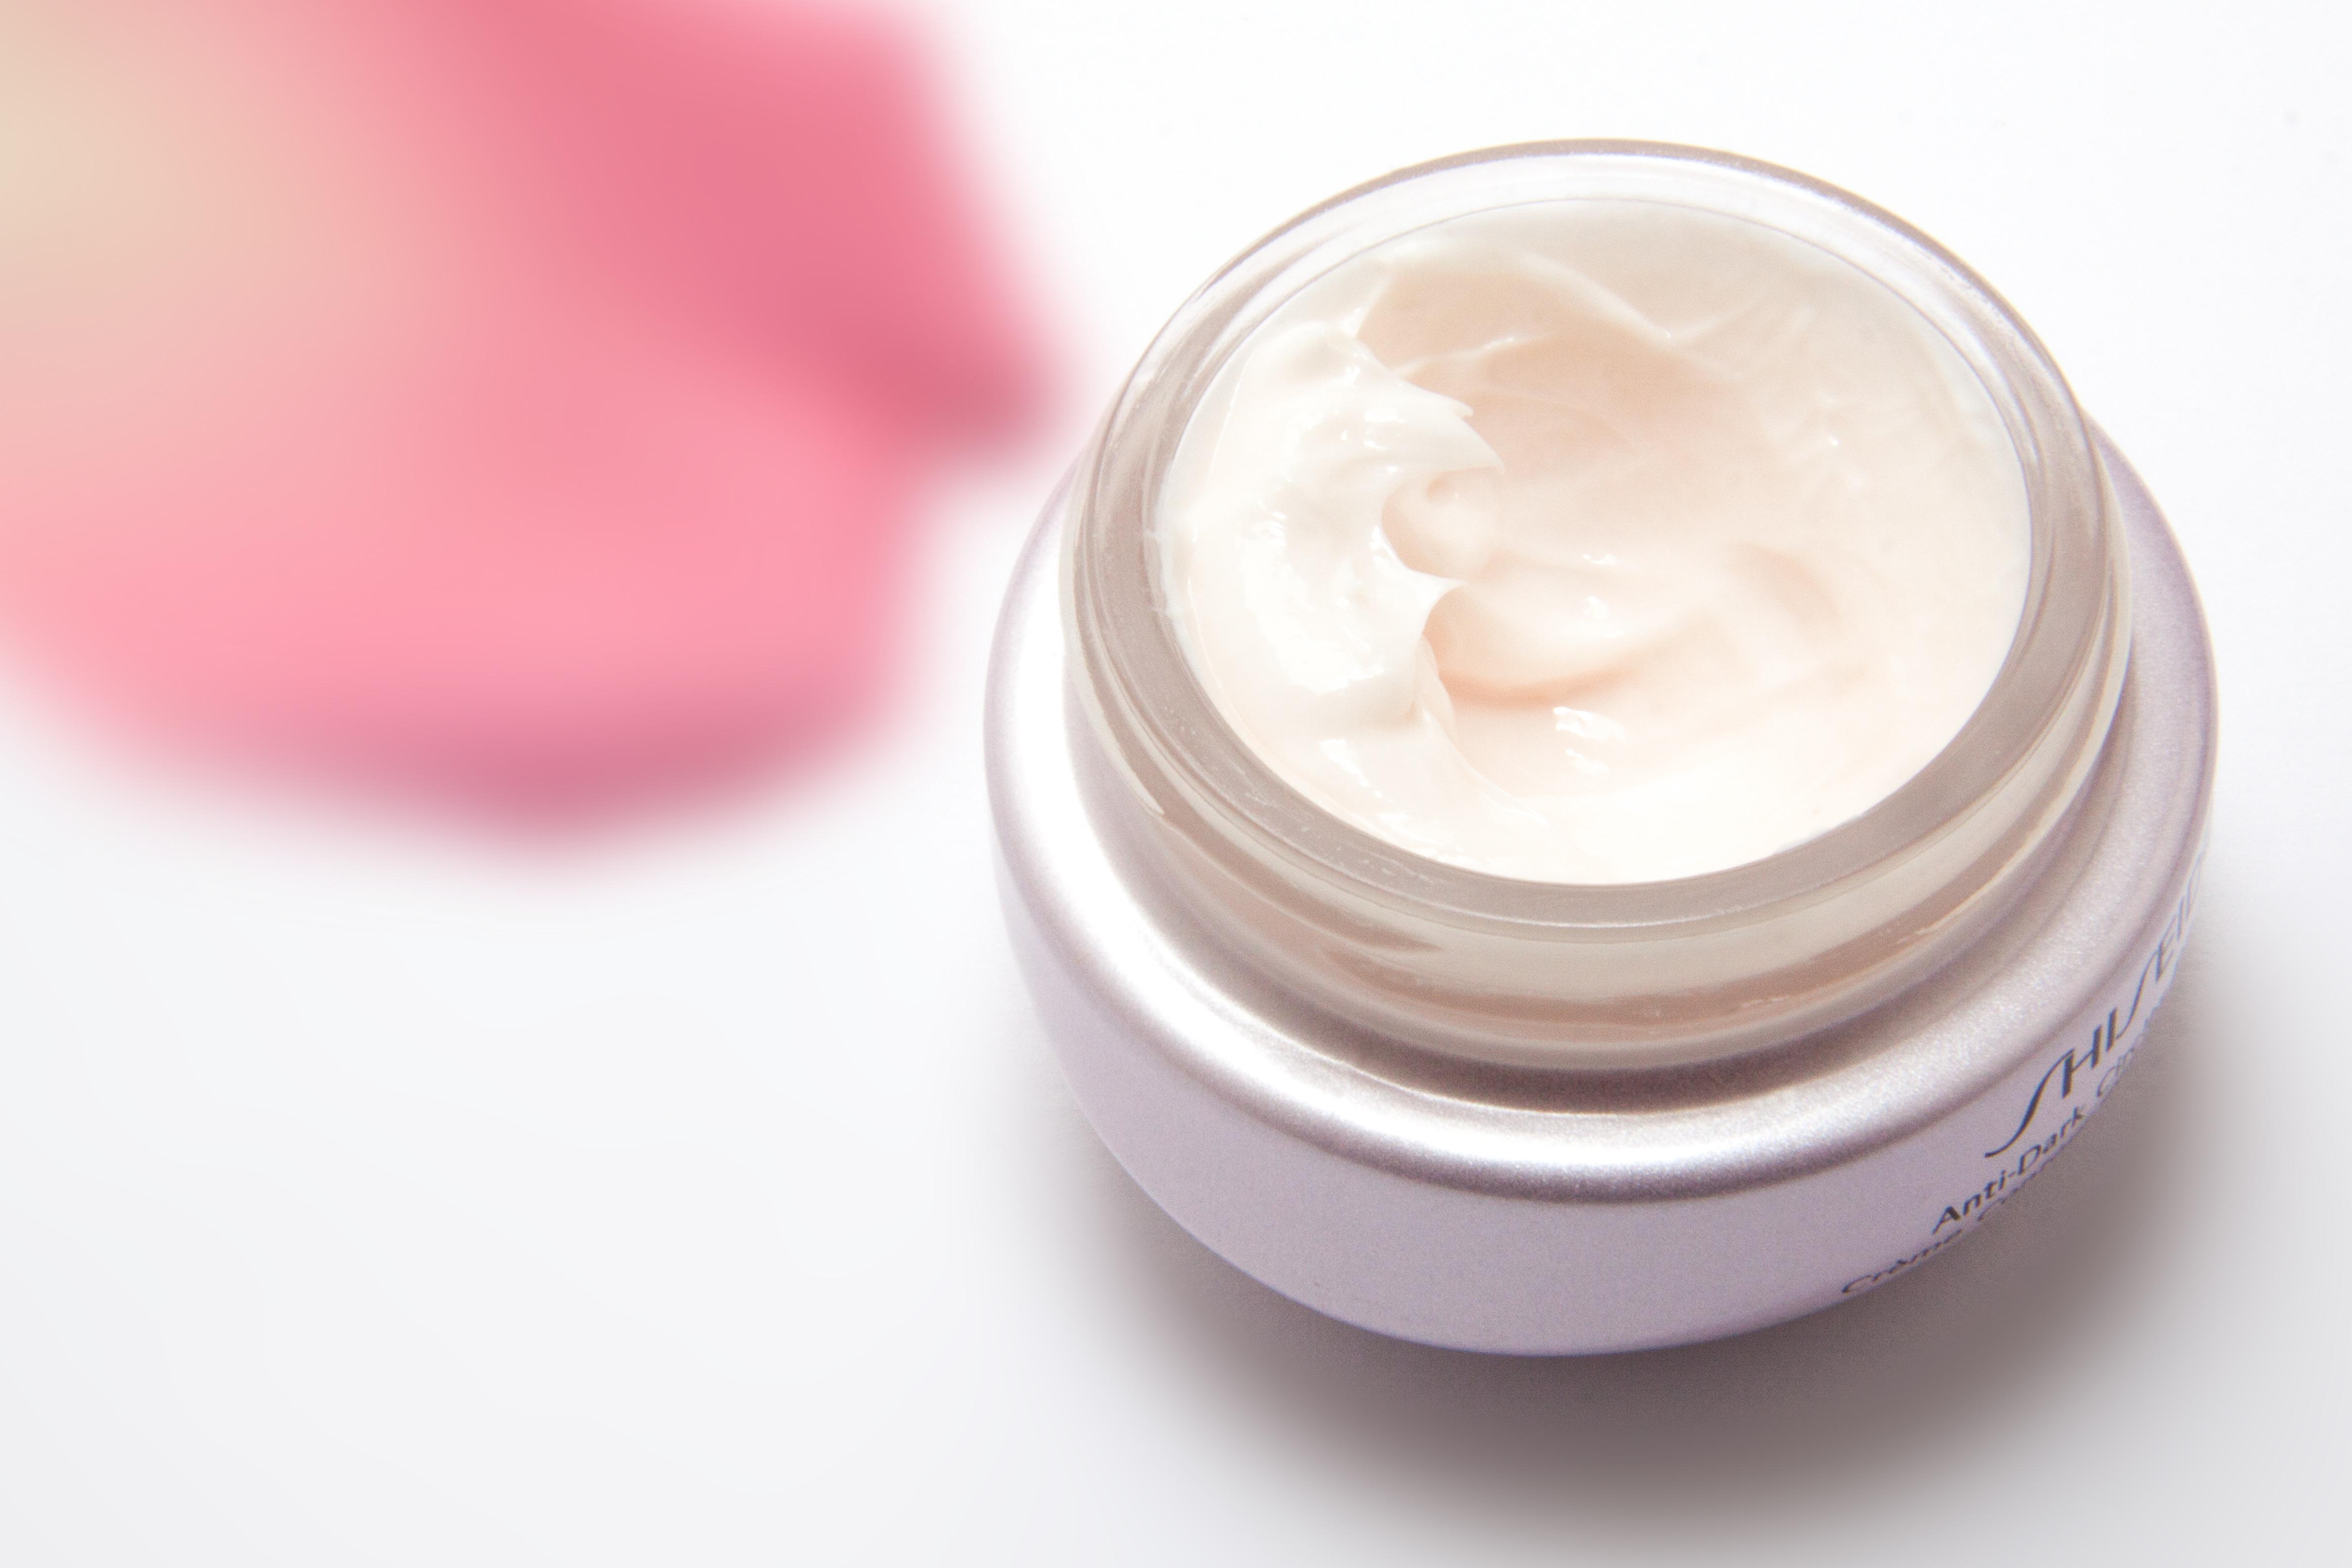 cremas faciales piel seca